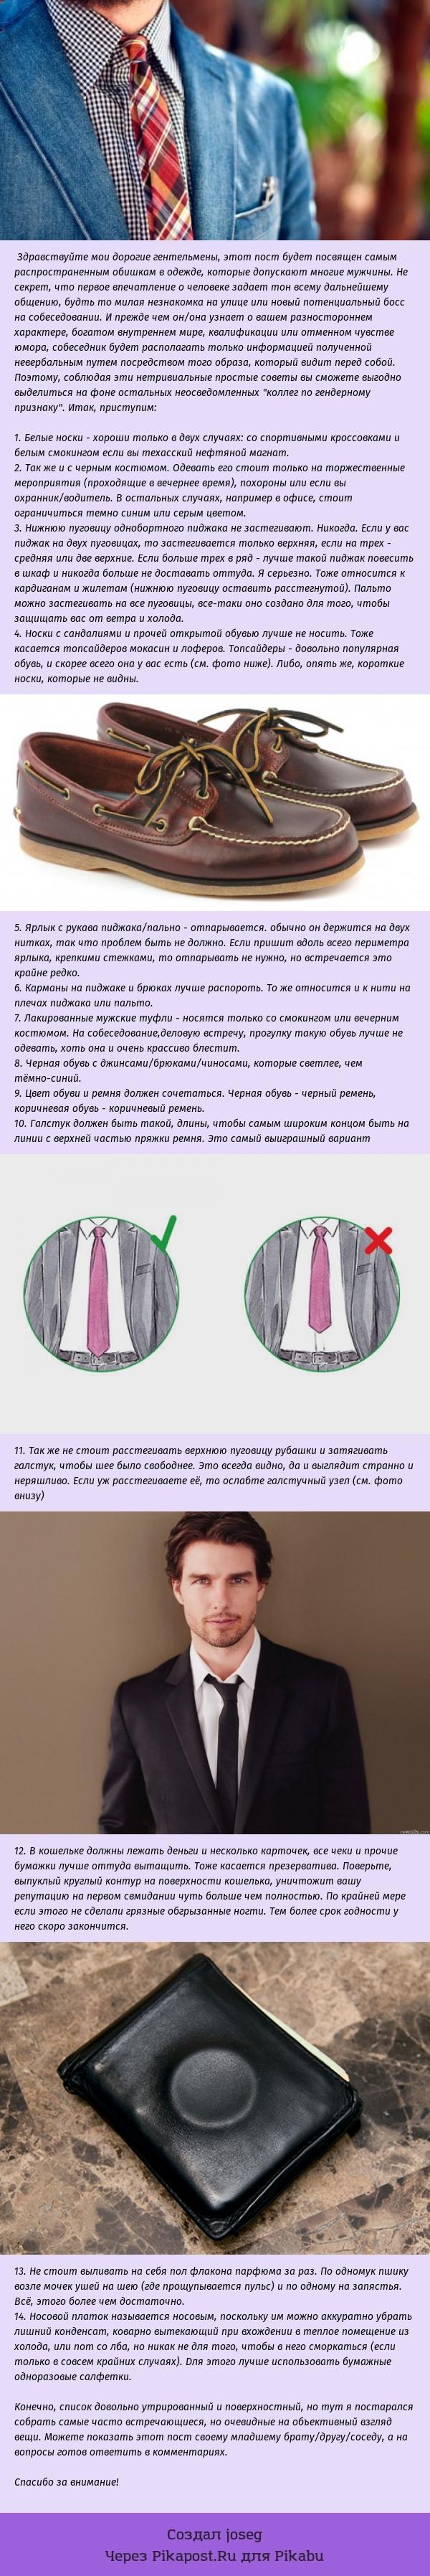 Проект КБГ, часть третья. 14 простых правил, которыми не стоит пренебрегать. Кбг, Совет, Длиннопост, Сандали с носками